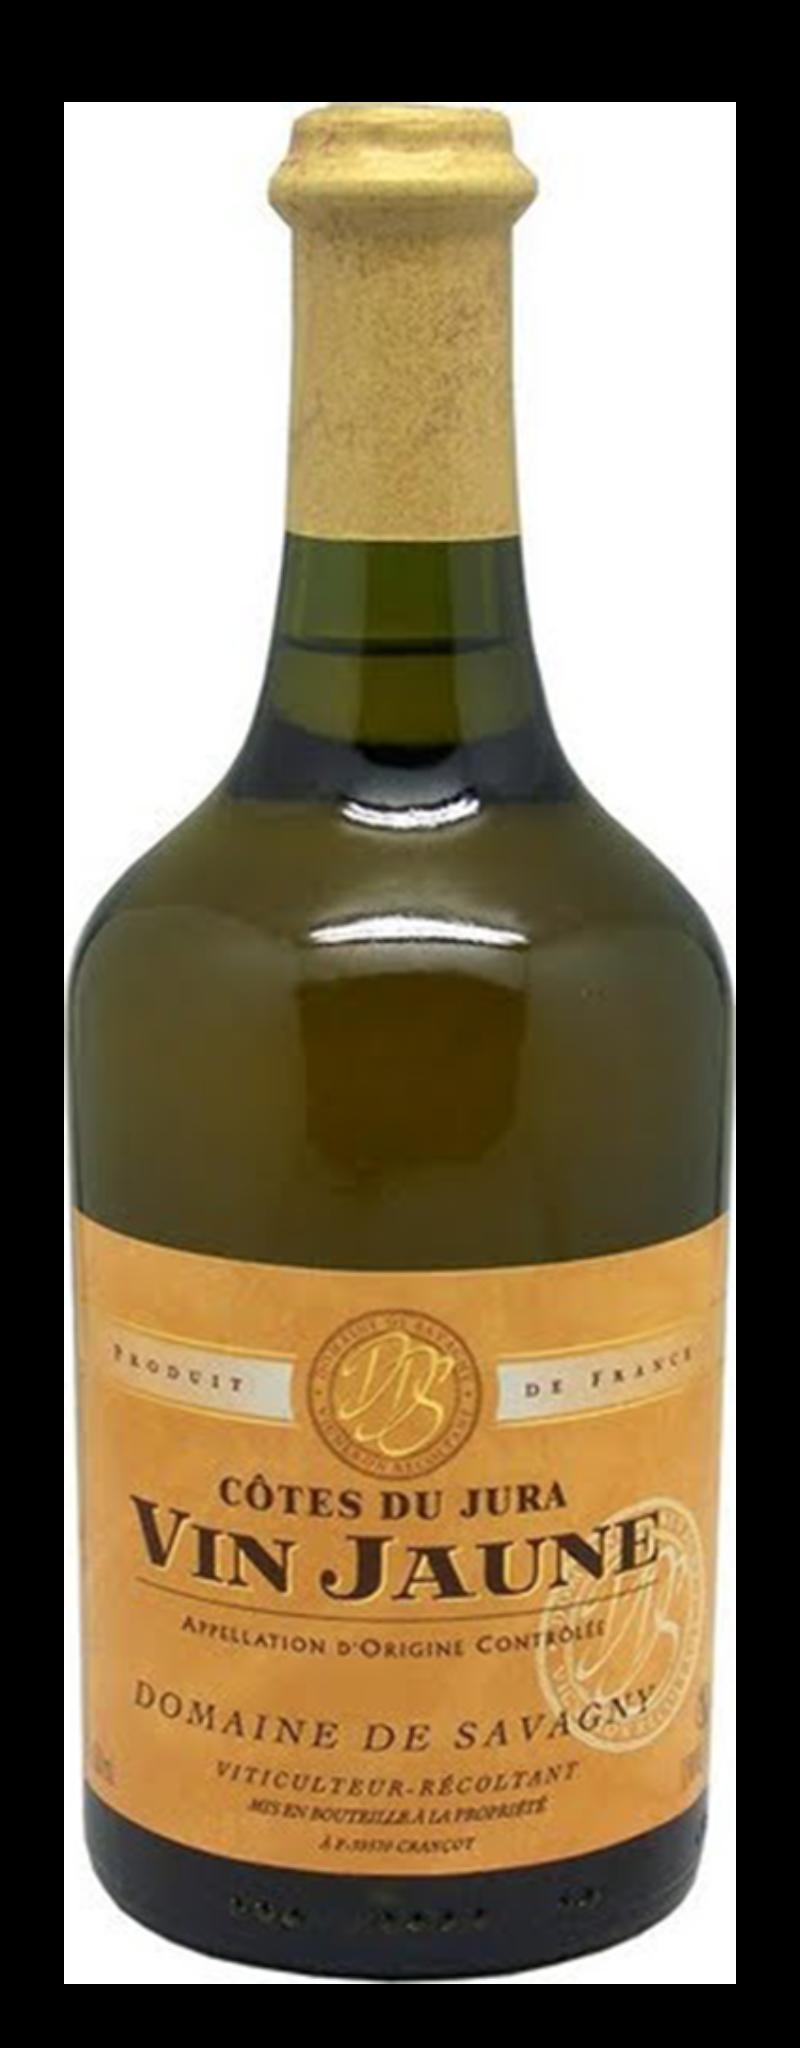 Domaine De Savagny cotes du jura vin jaune 62 cl  - 620ml